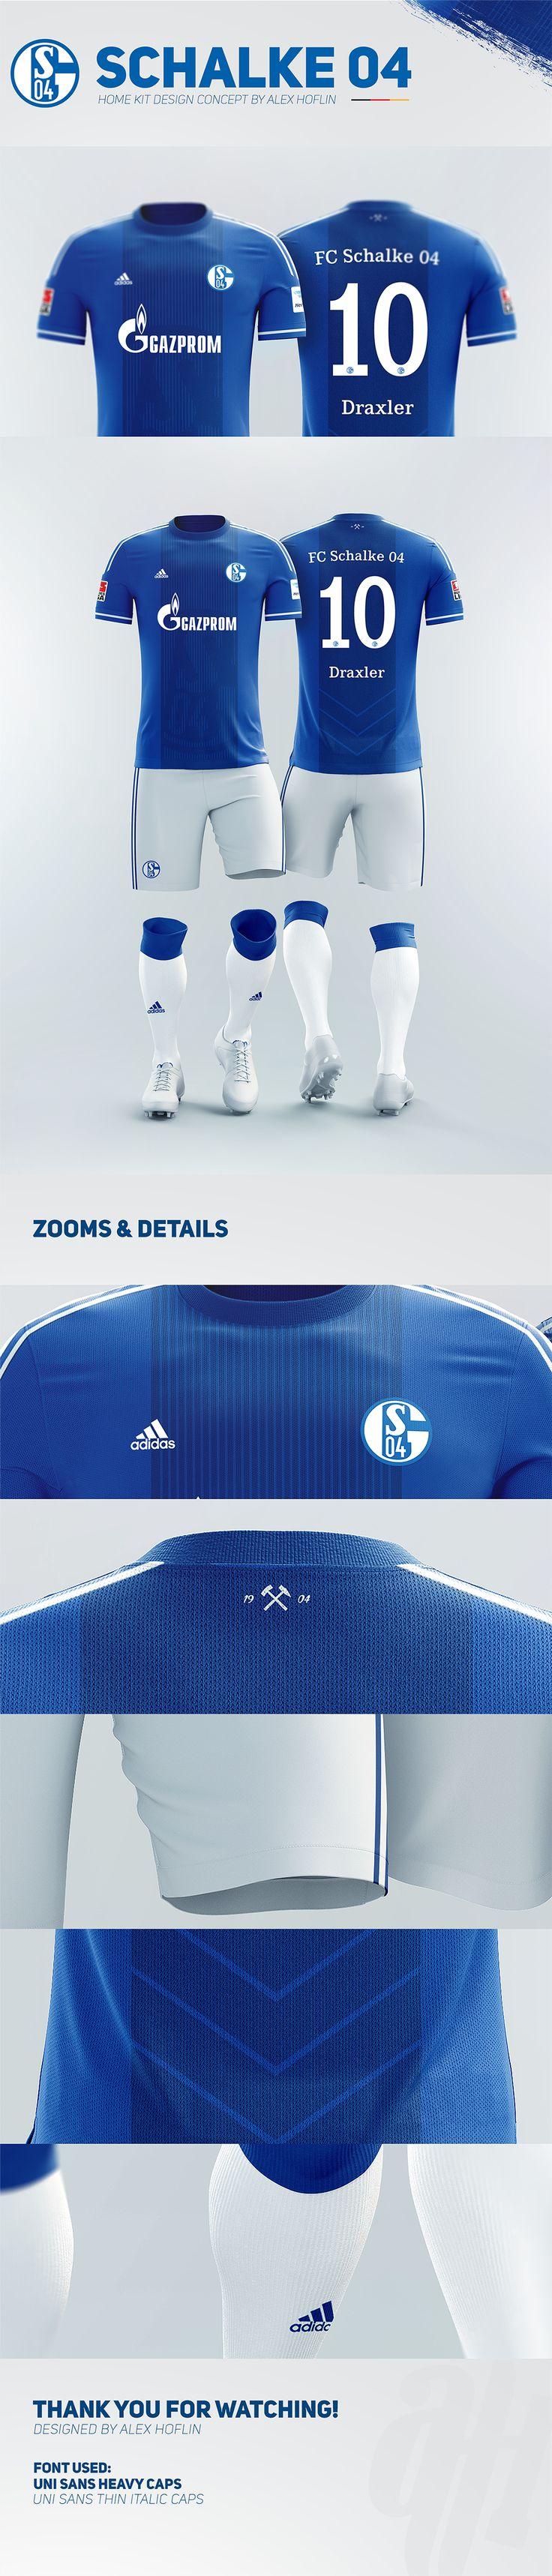 FC Schalke 04 Home Kit Design on Behance